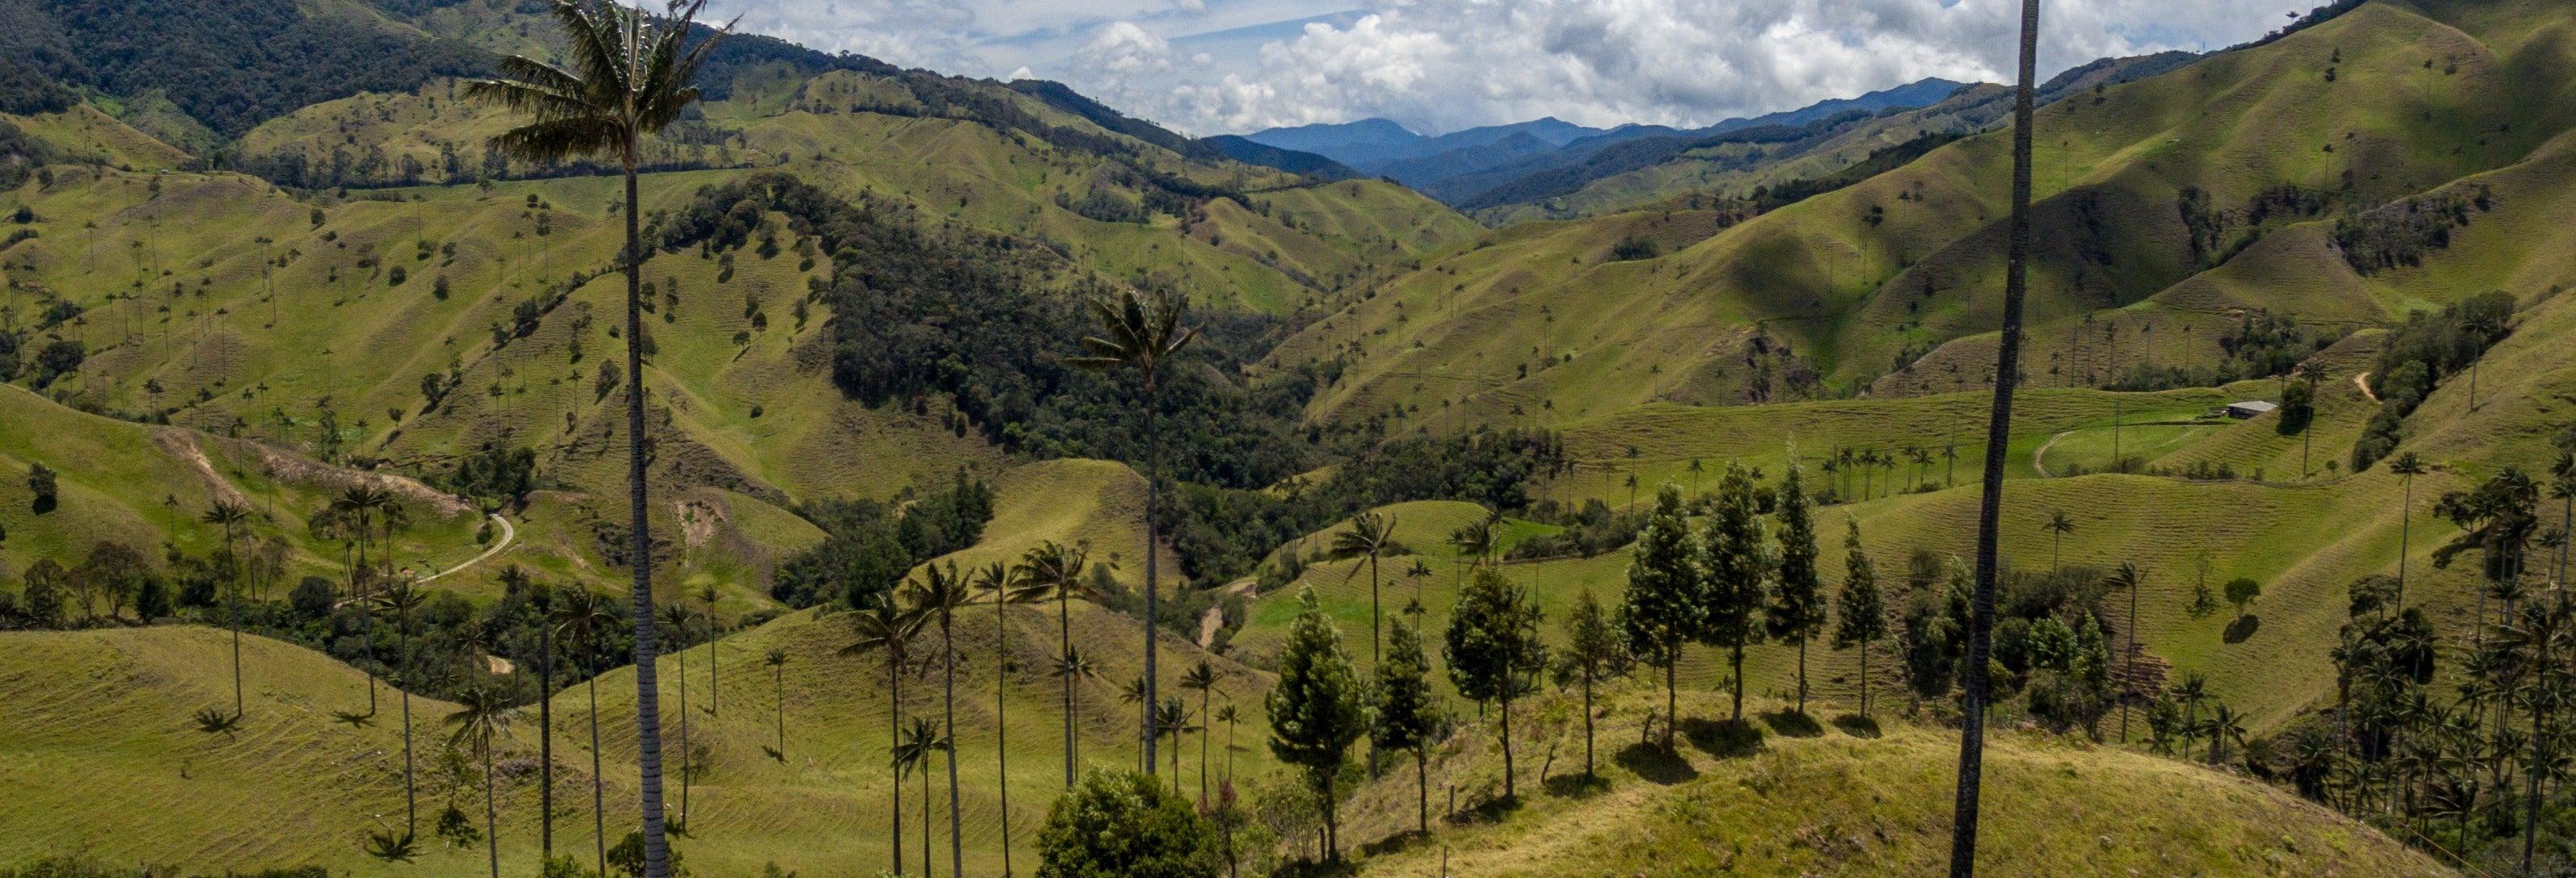 Excursión al valle de Cocora + Paseo a caballo